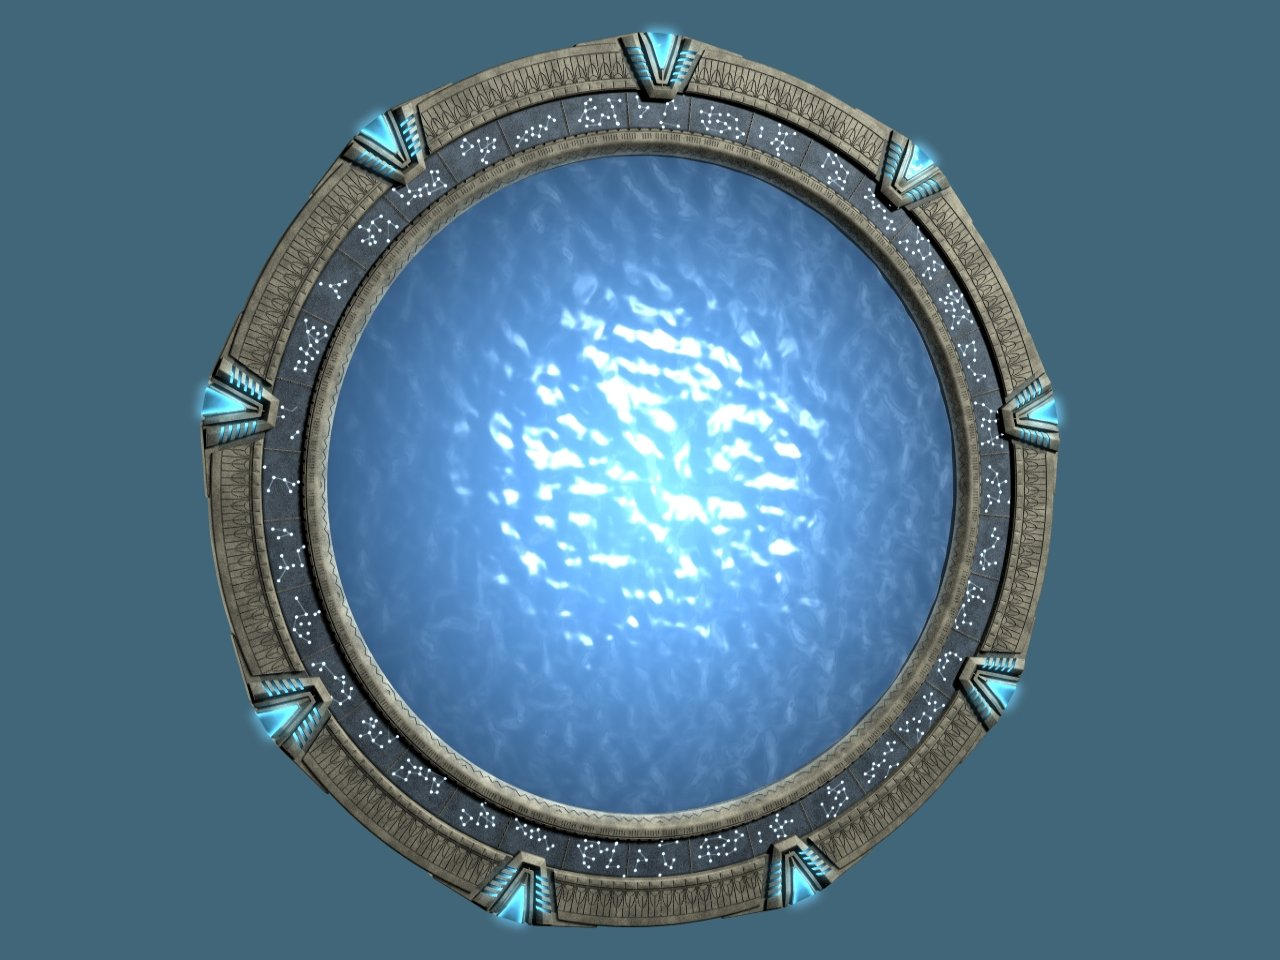 Stargate Atlantis by arrghman